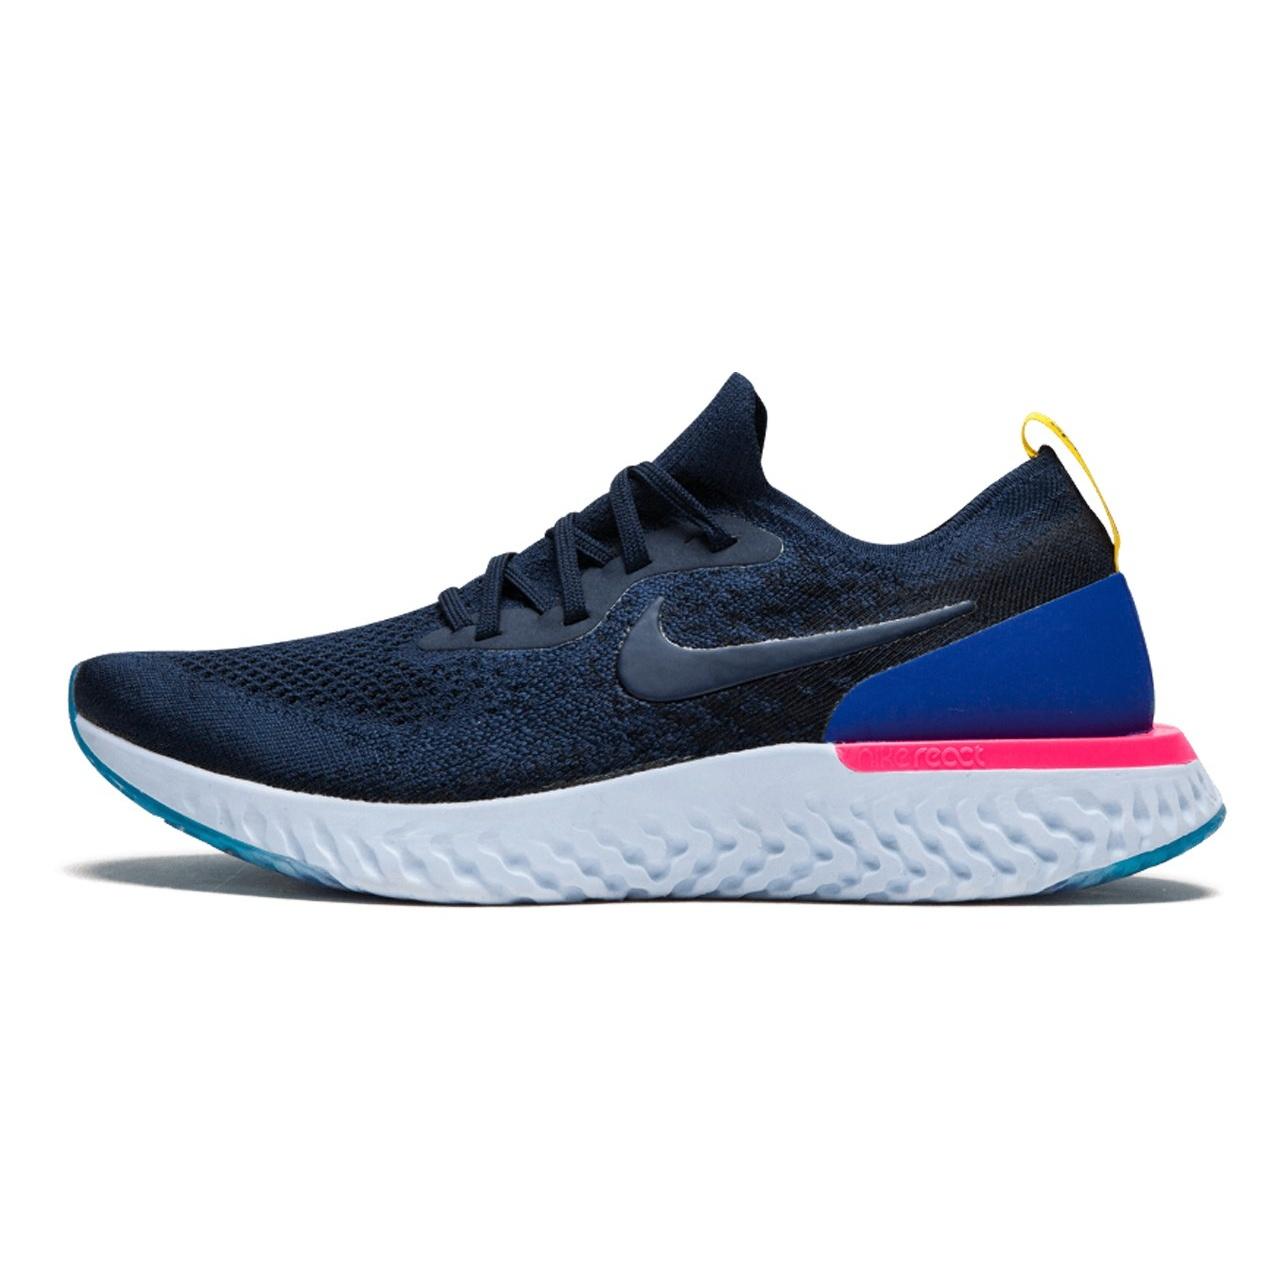 کفش ورزشی زنانه مخصوص دویدن مدل Epic React  Flyknit